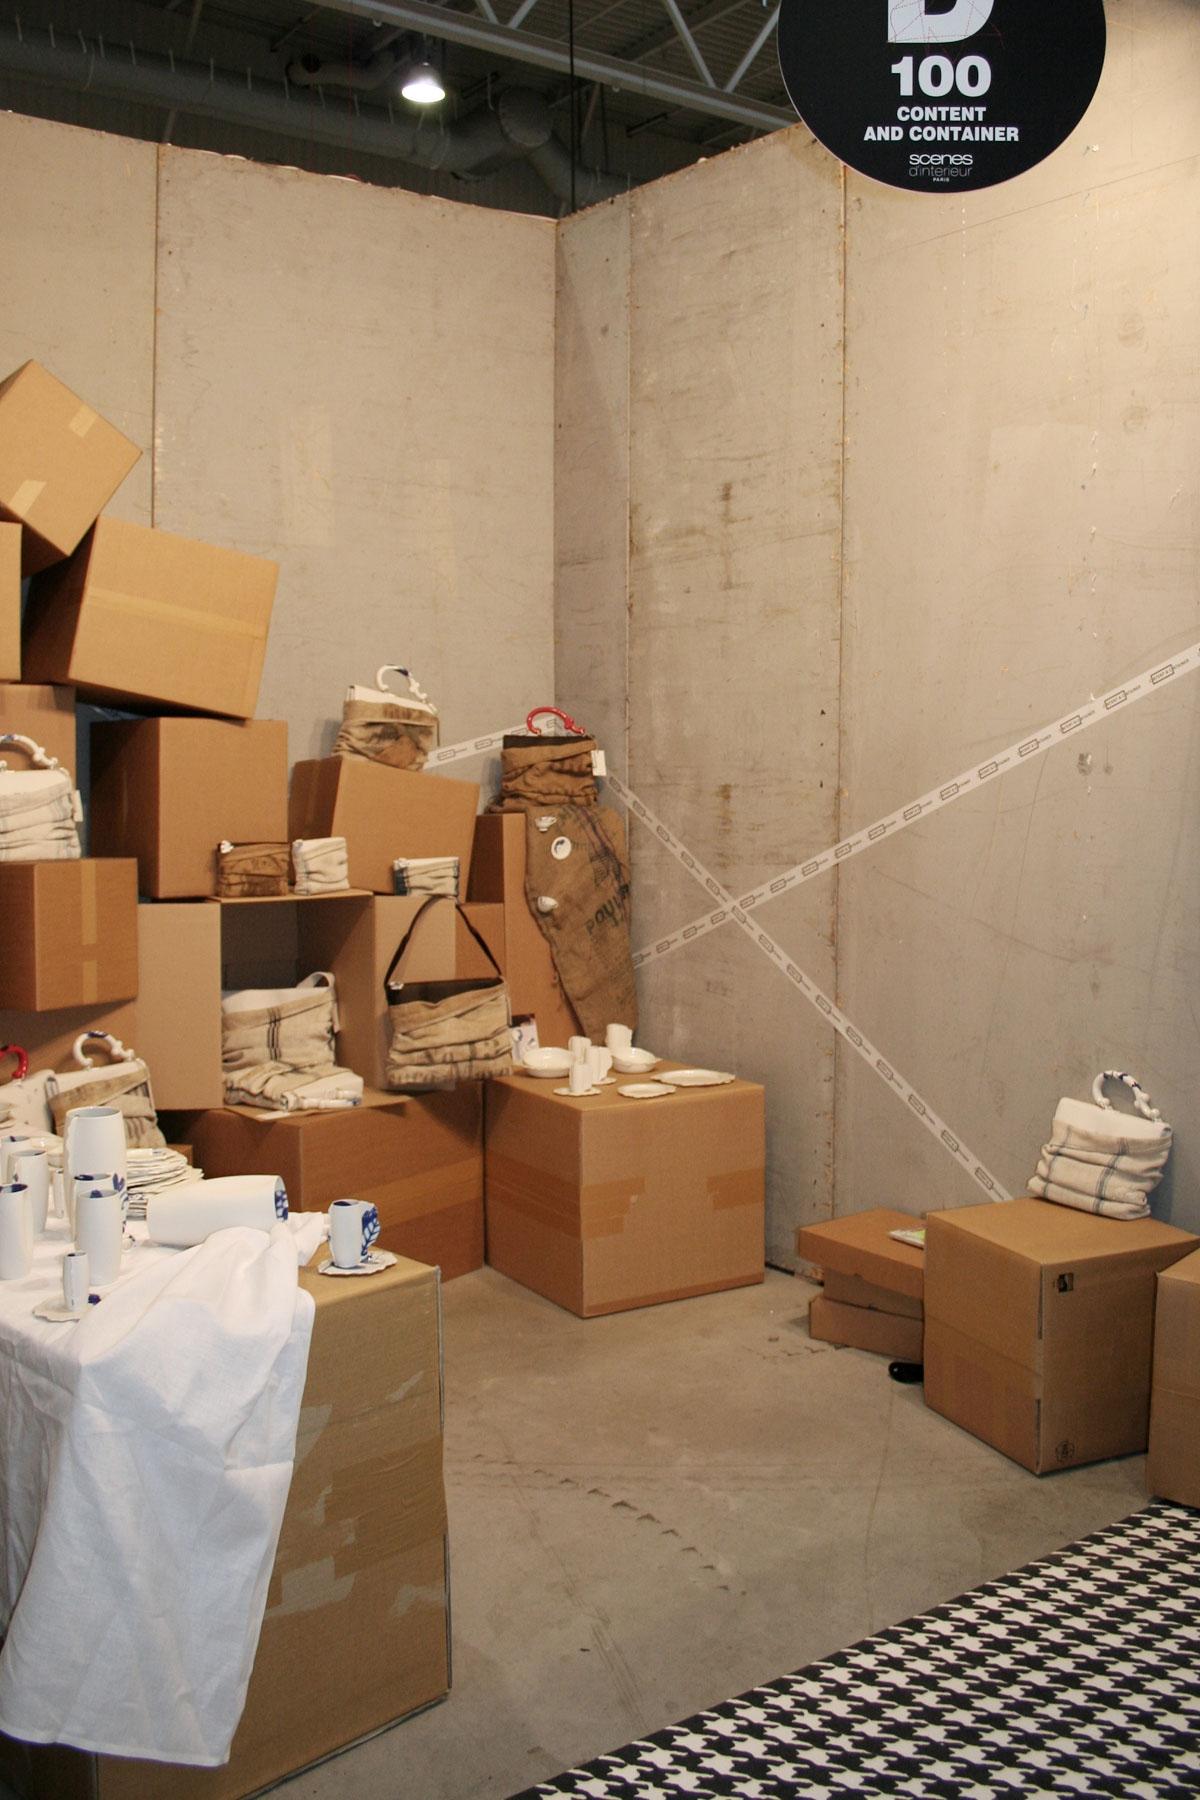 Maison et objet 01 11 exhibitions content container by pia pasalk - Maison container ...